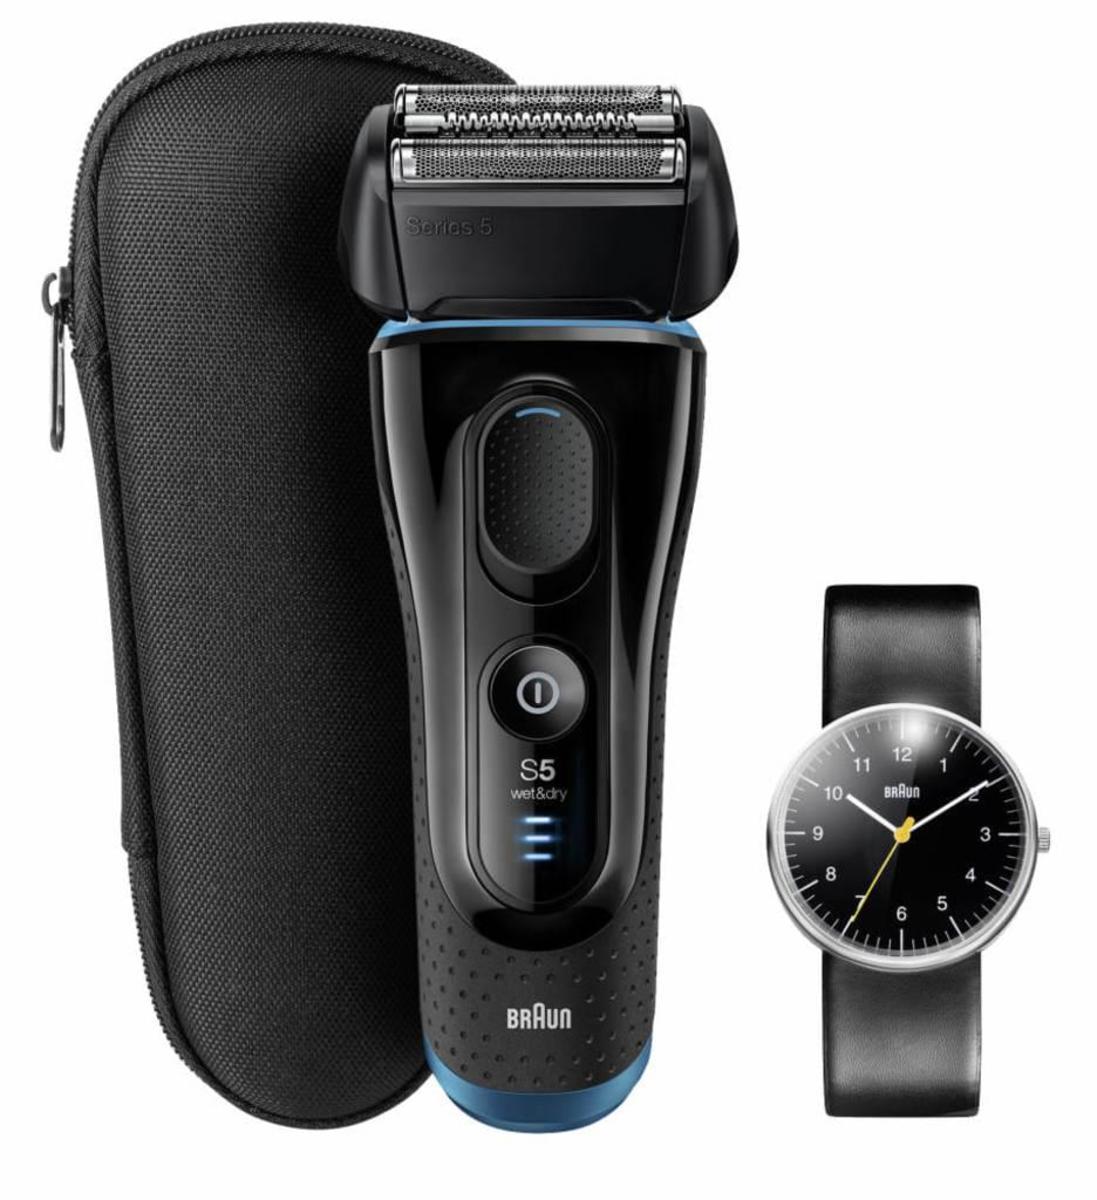 Bild 4 von Braun Rasierer Series 5 Limited Edition, inklusive Original Braun Uhr im Wert von 135,00 € (UVP)